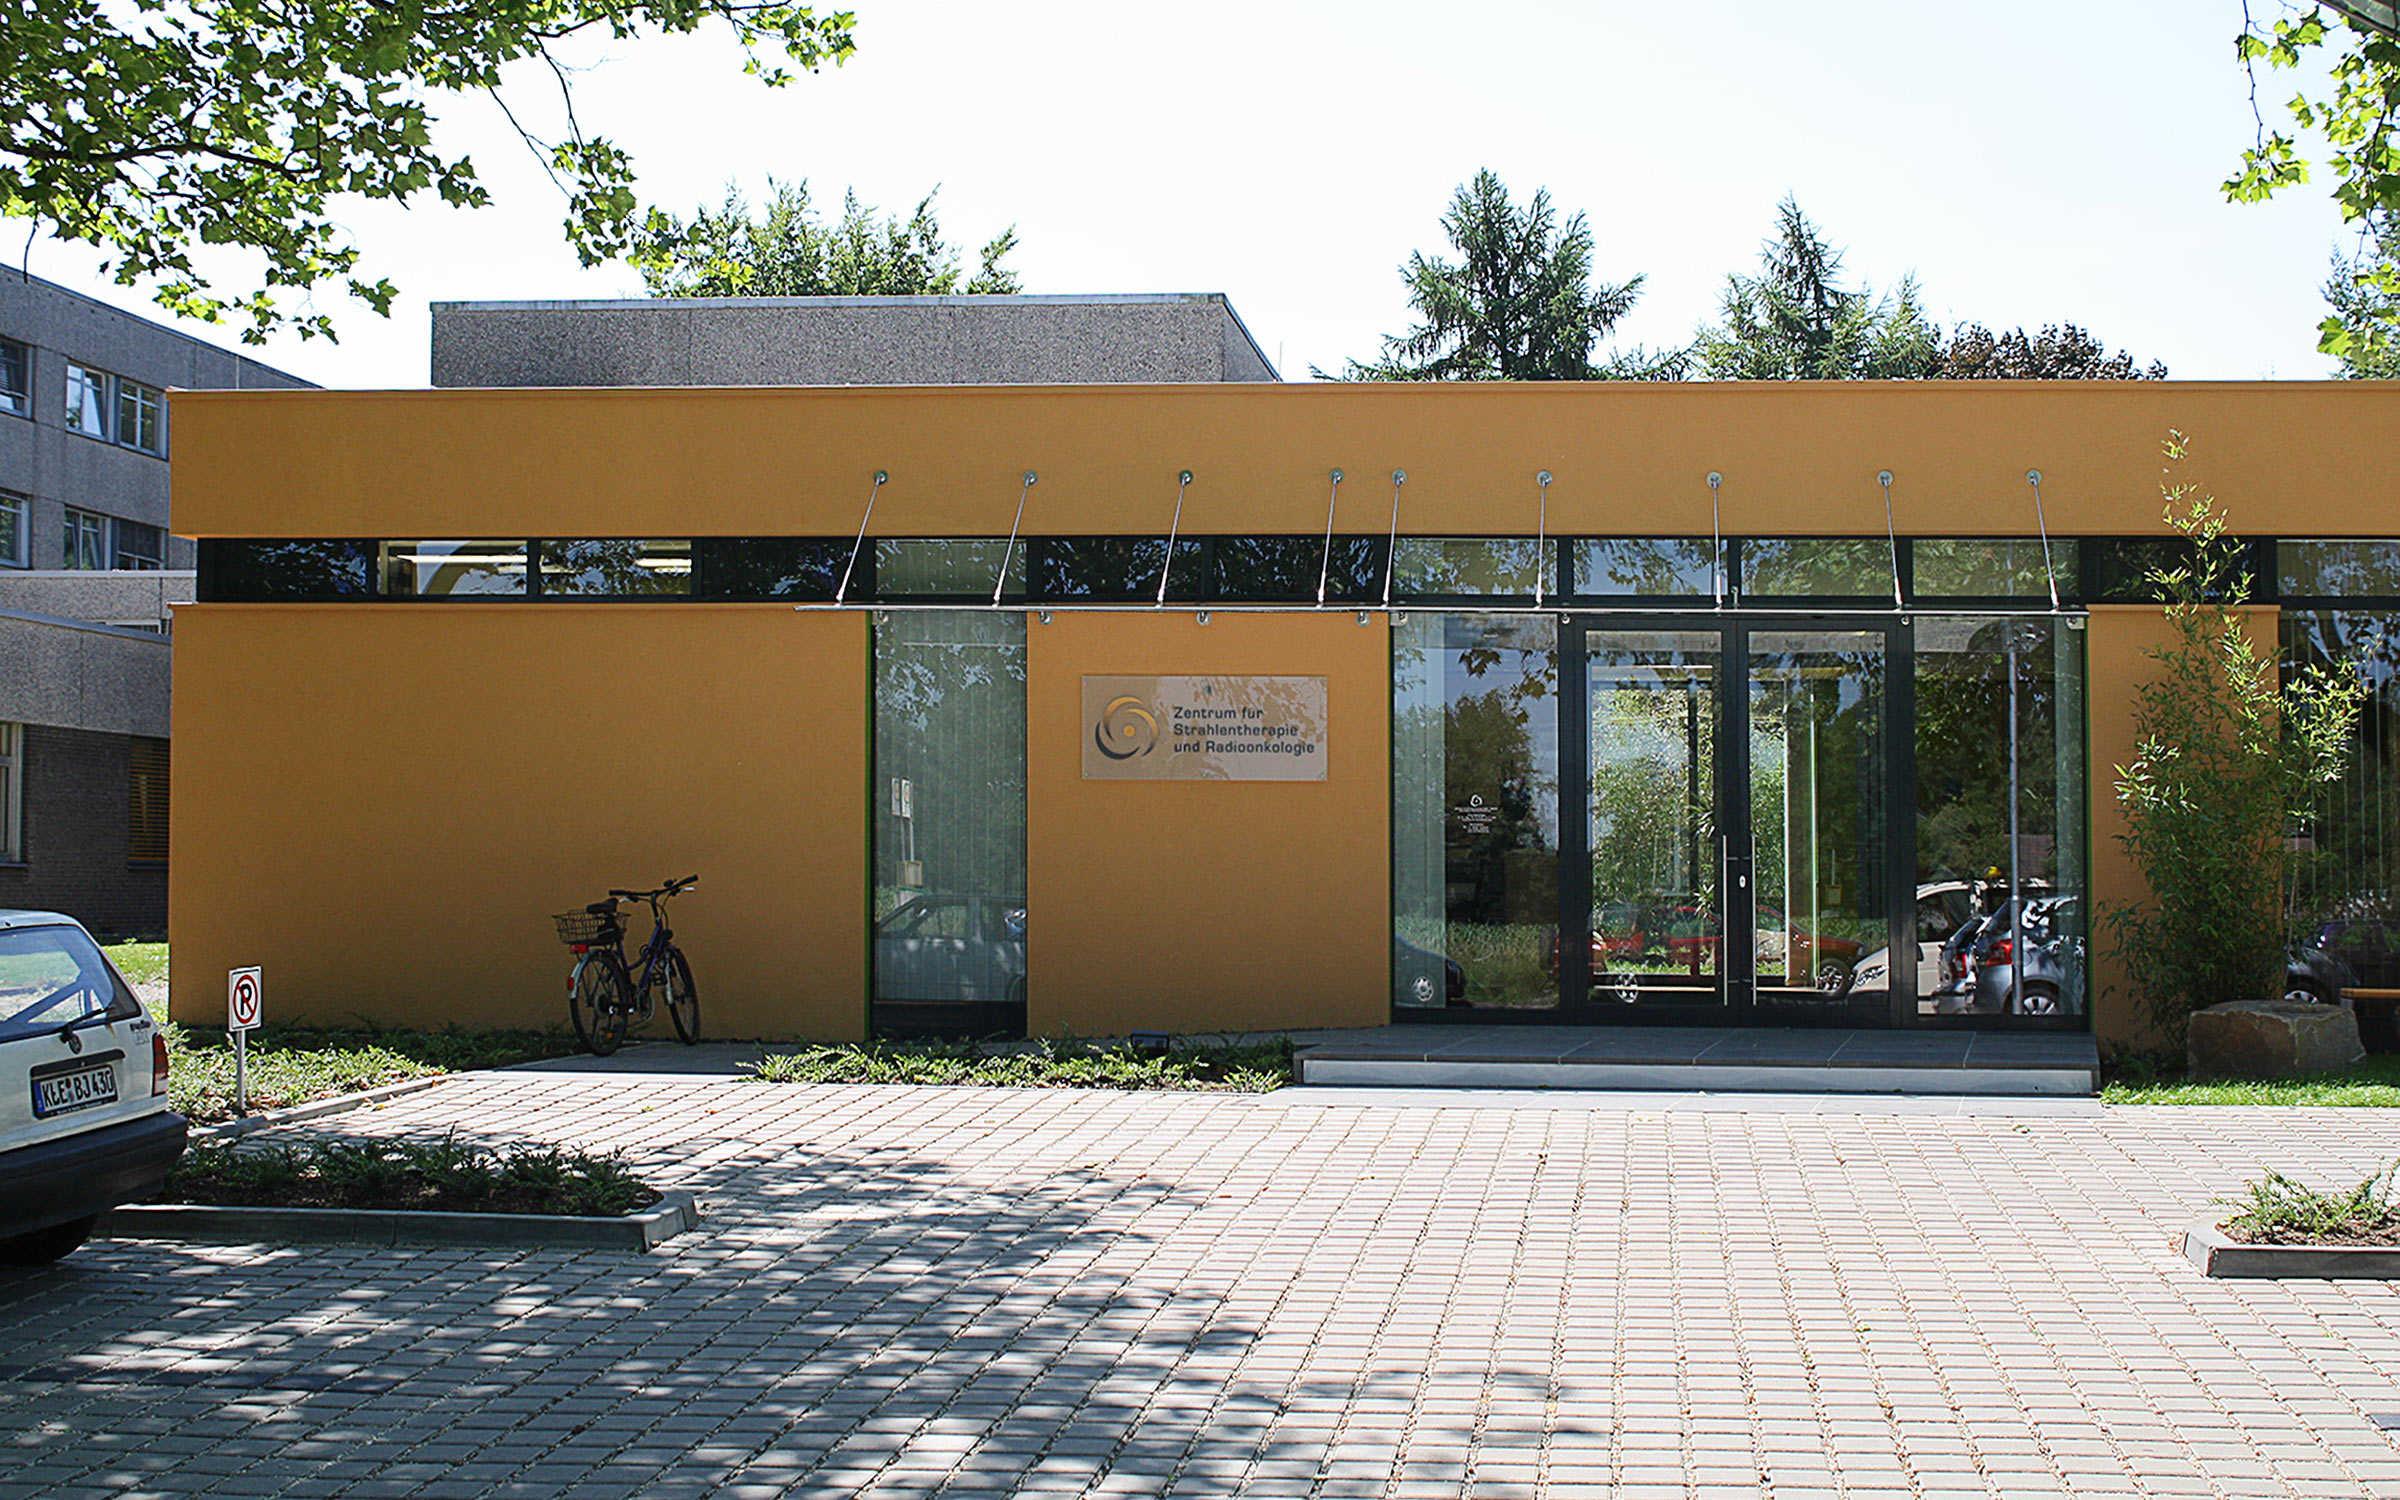 Projekt Wilhelm-Anton-Hospital Strahlentherapie, Goch